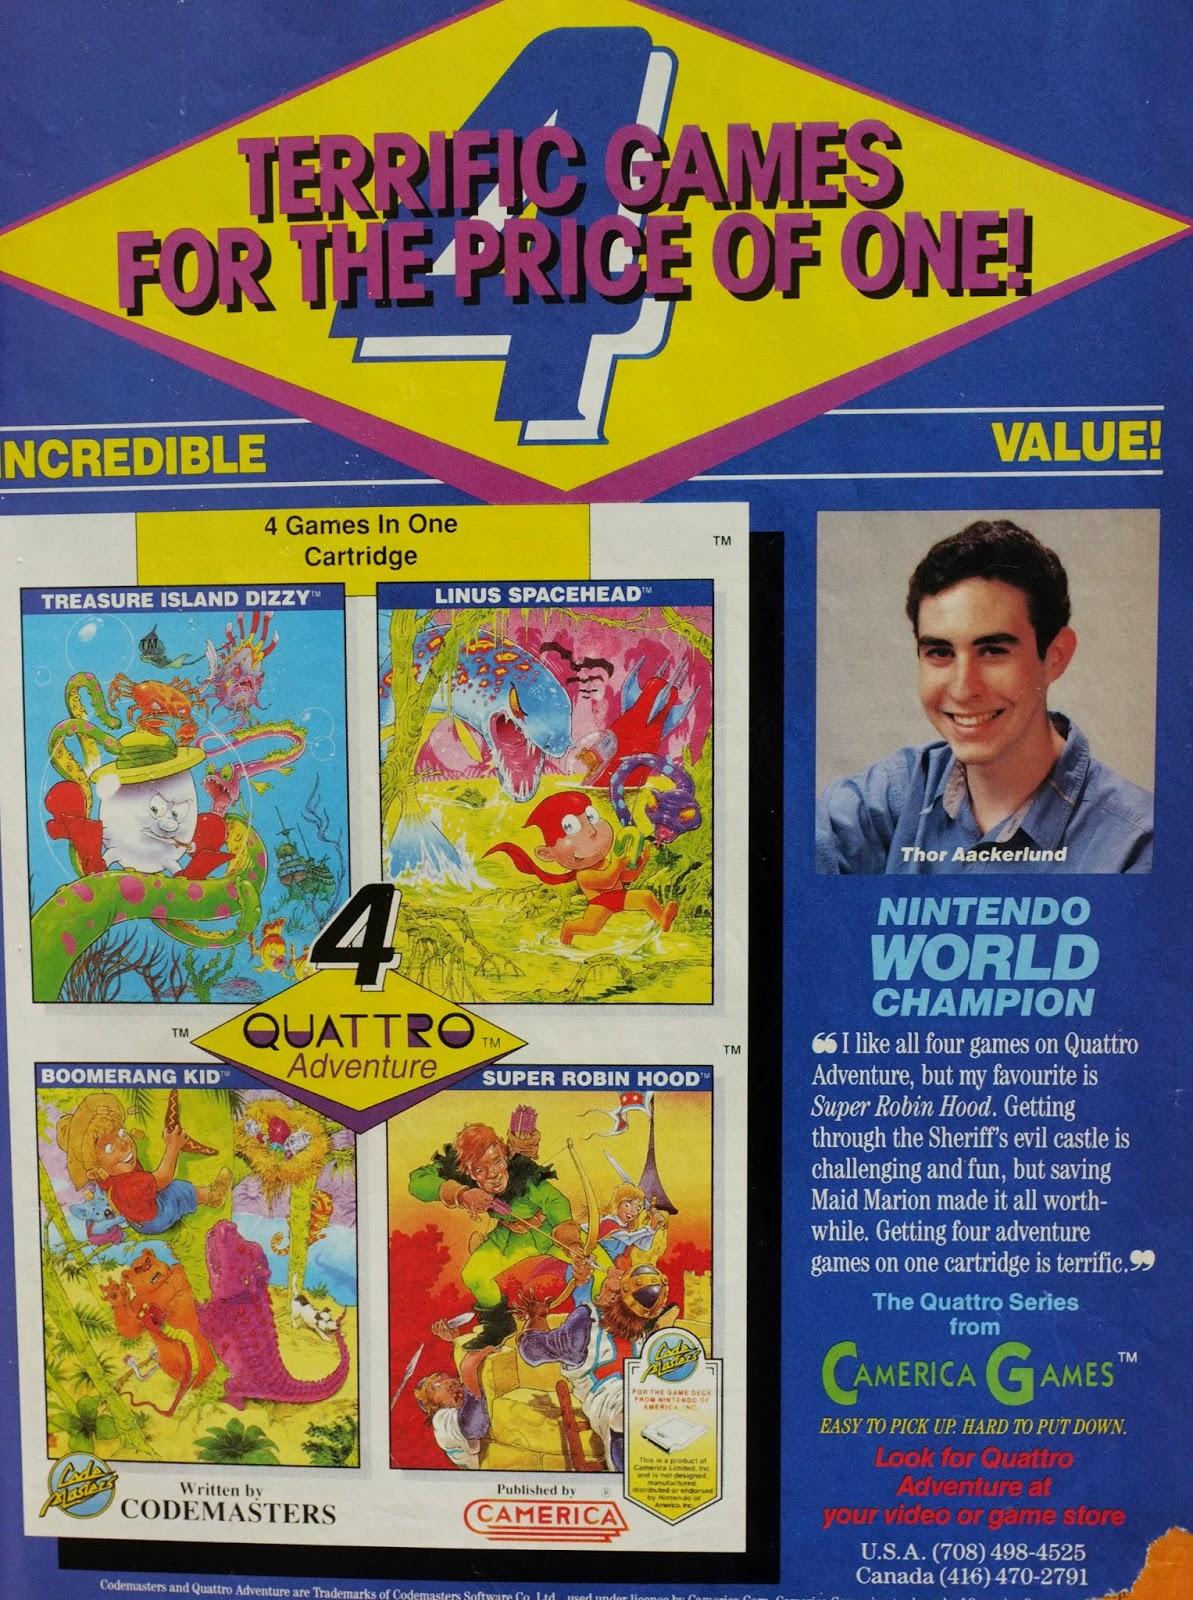 Quattro Adventure for NES advertisement